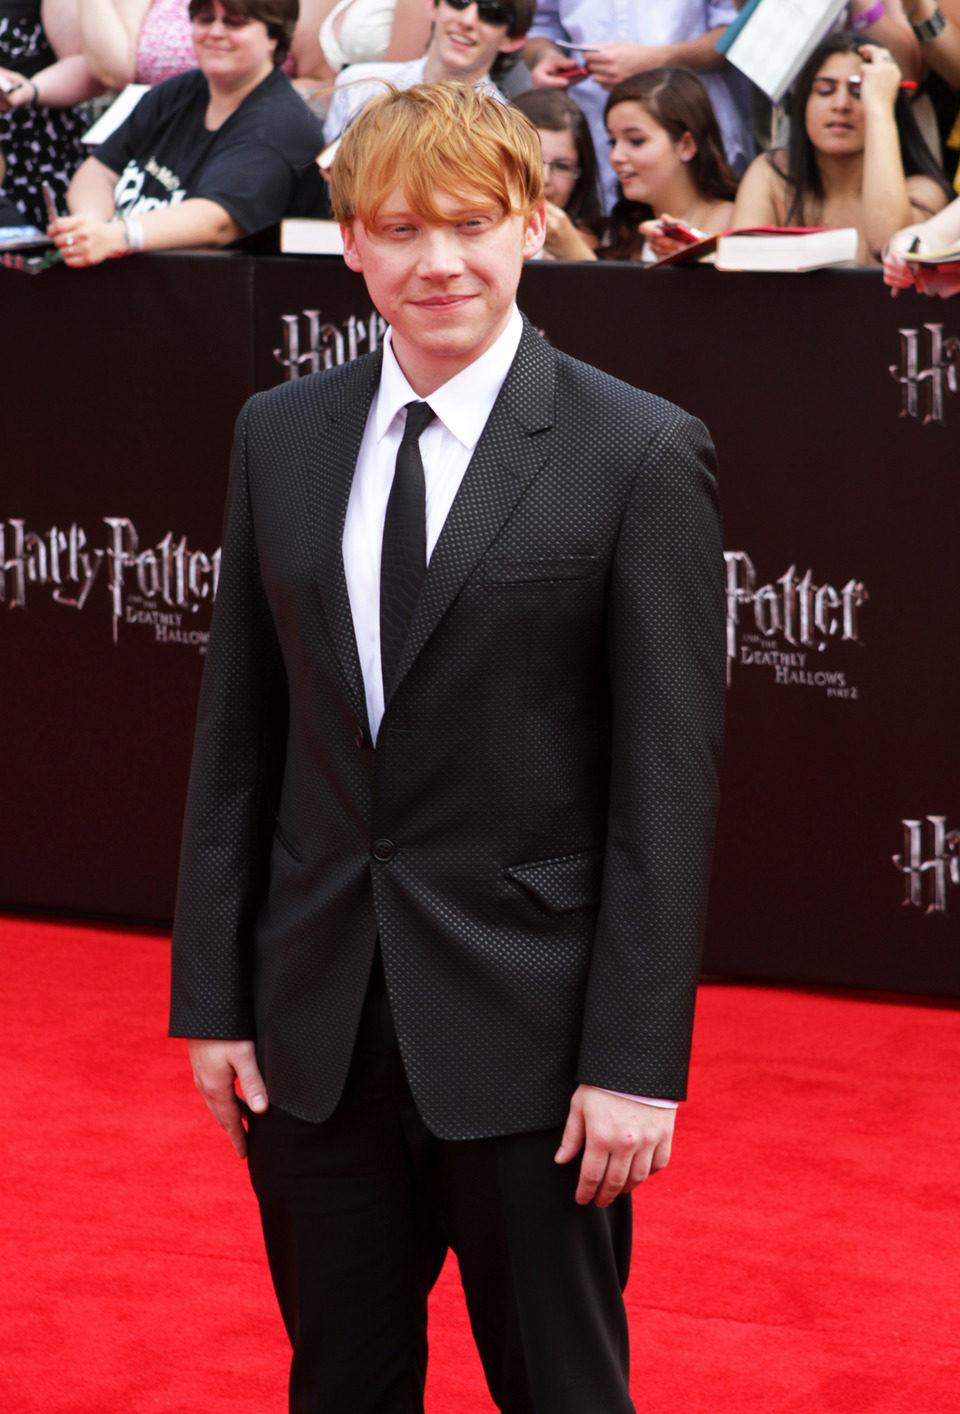 Harry Potter y las reliquias de la muerte: parte 2, fotograma 100 de 108